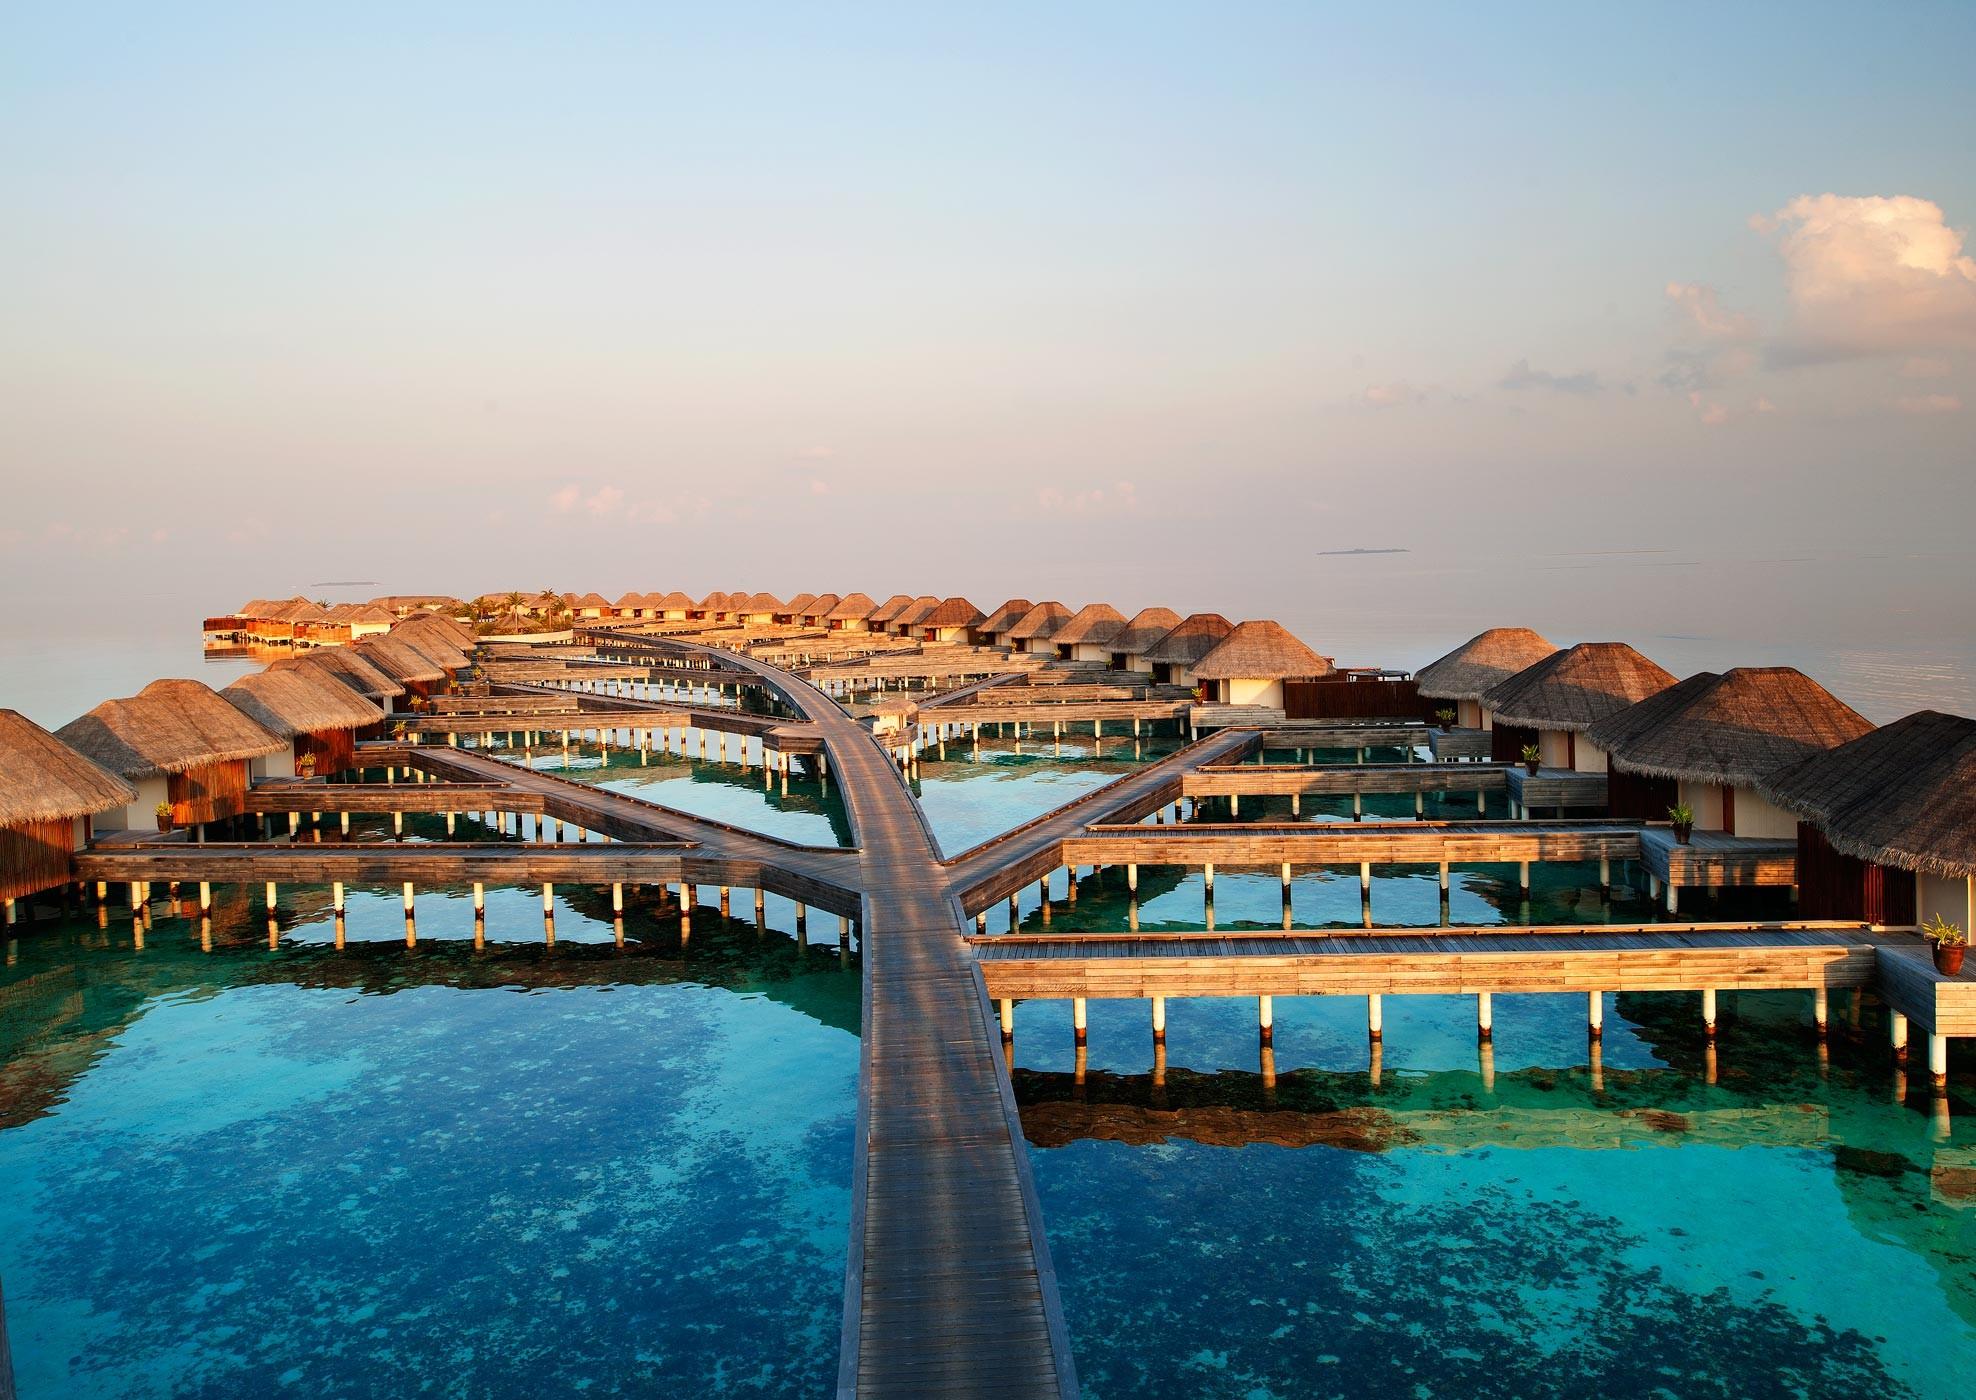 FesduIsland_Maldives_002